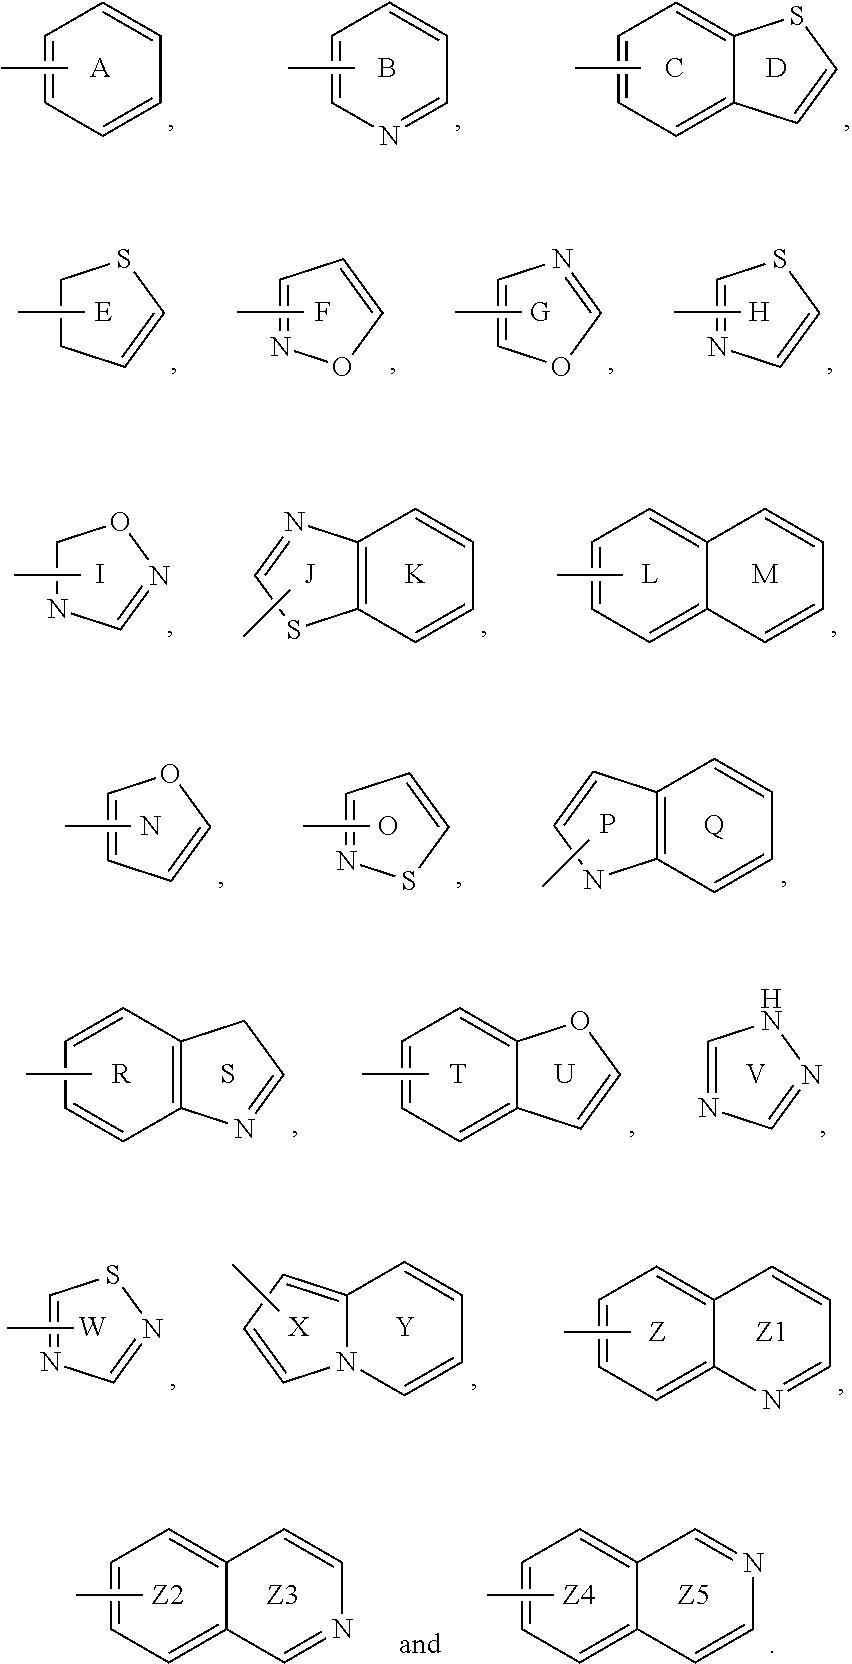 Figure US09272996-20160301-C00027